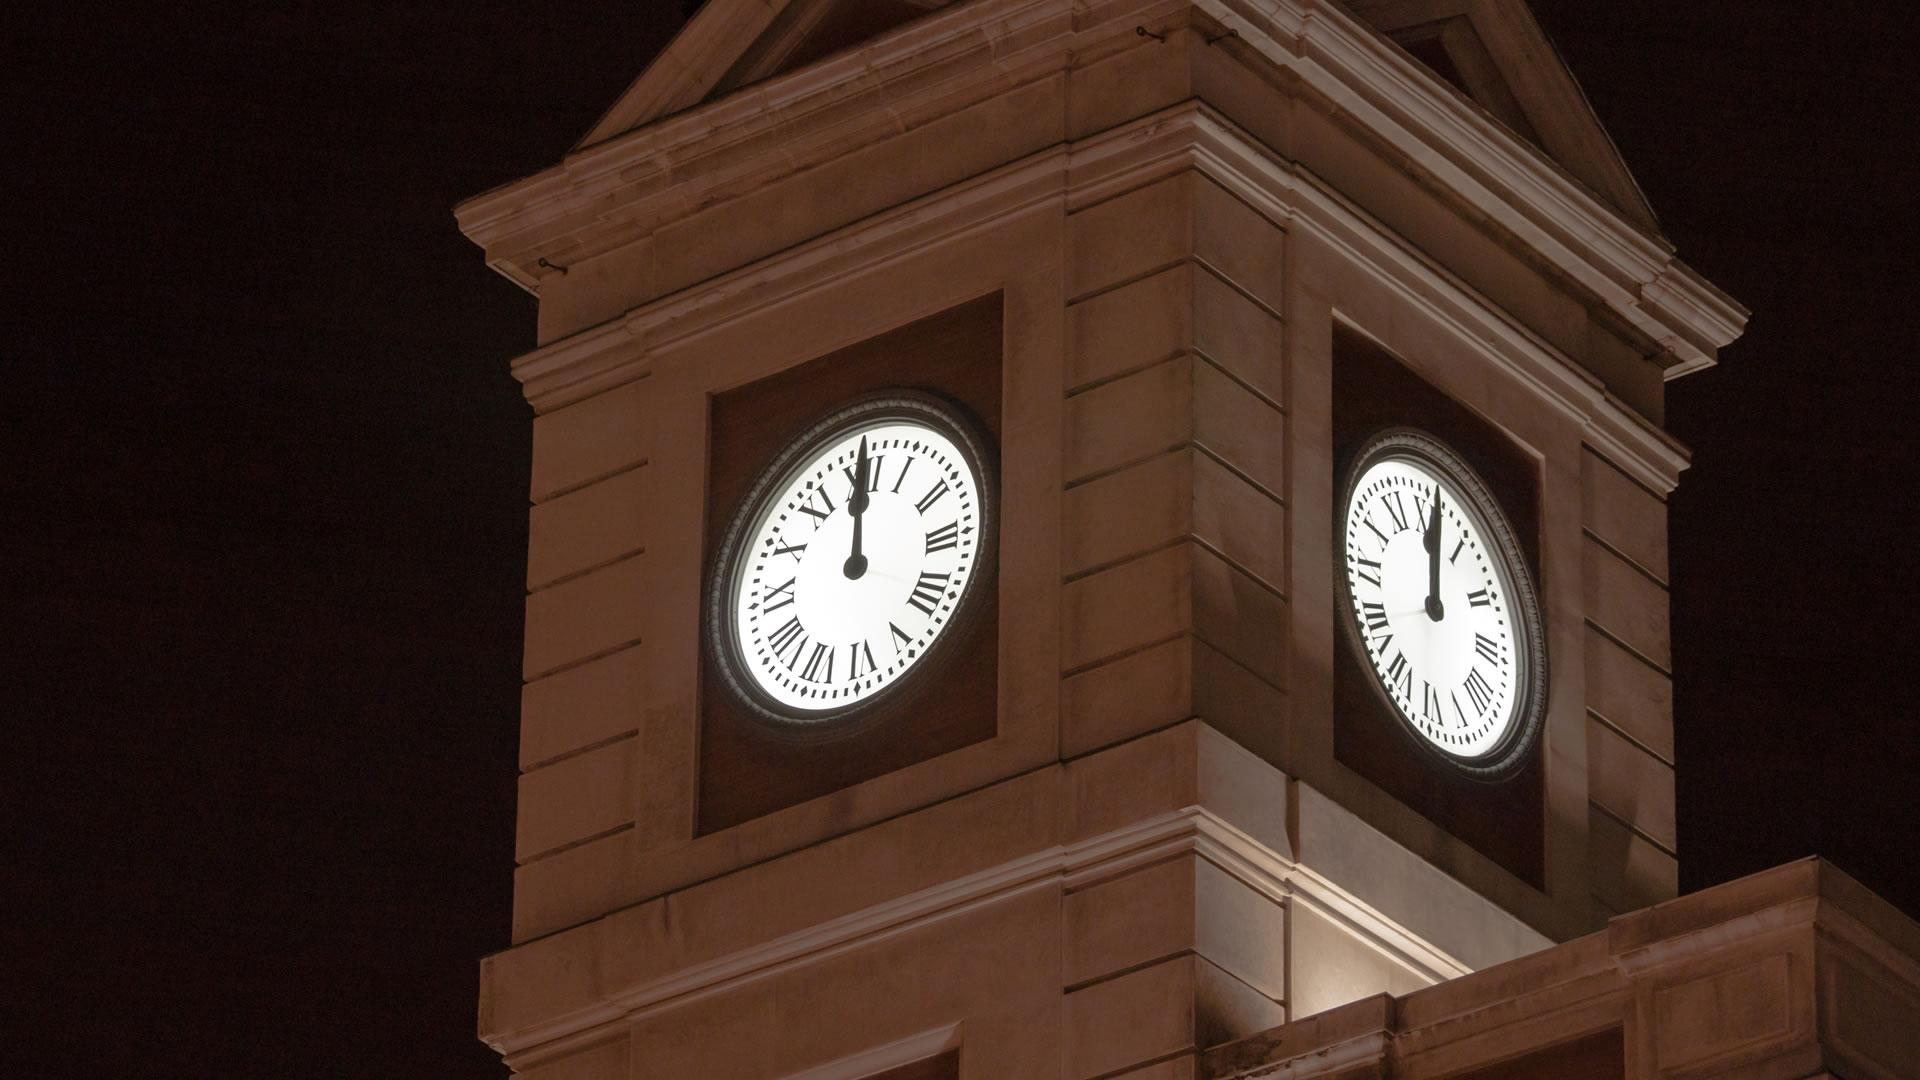 71debf633612 Número IIII en los relojes ¿tradición